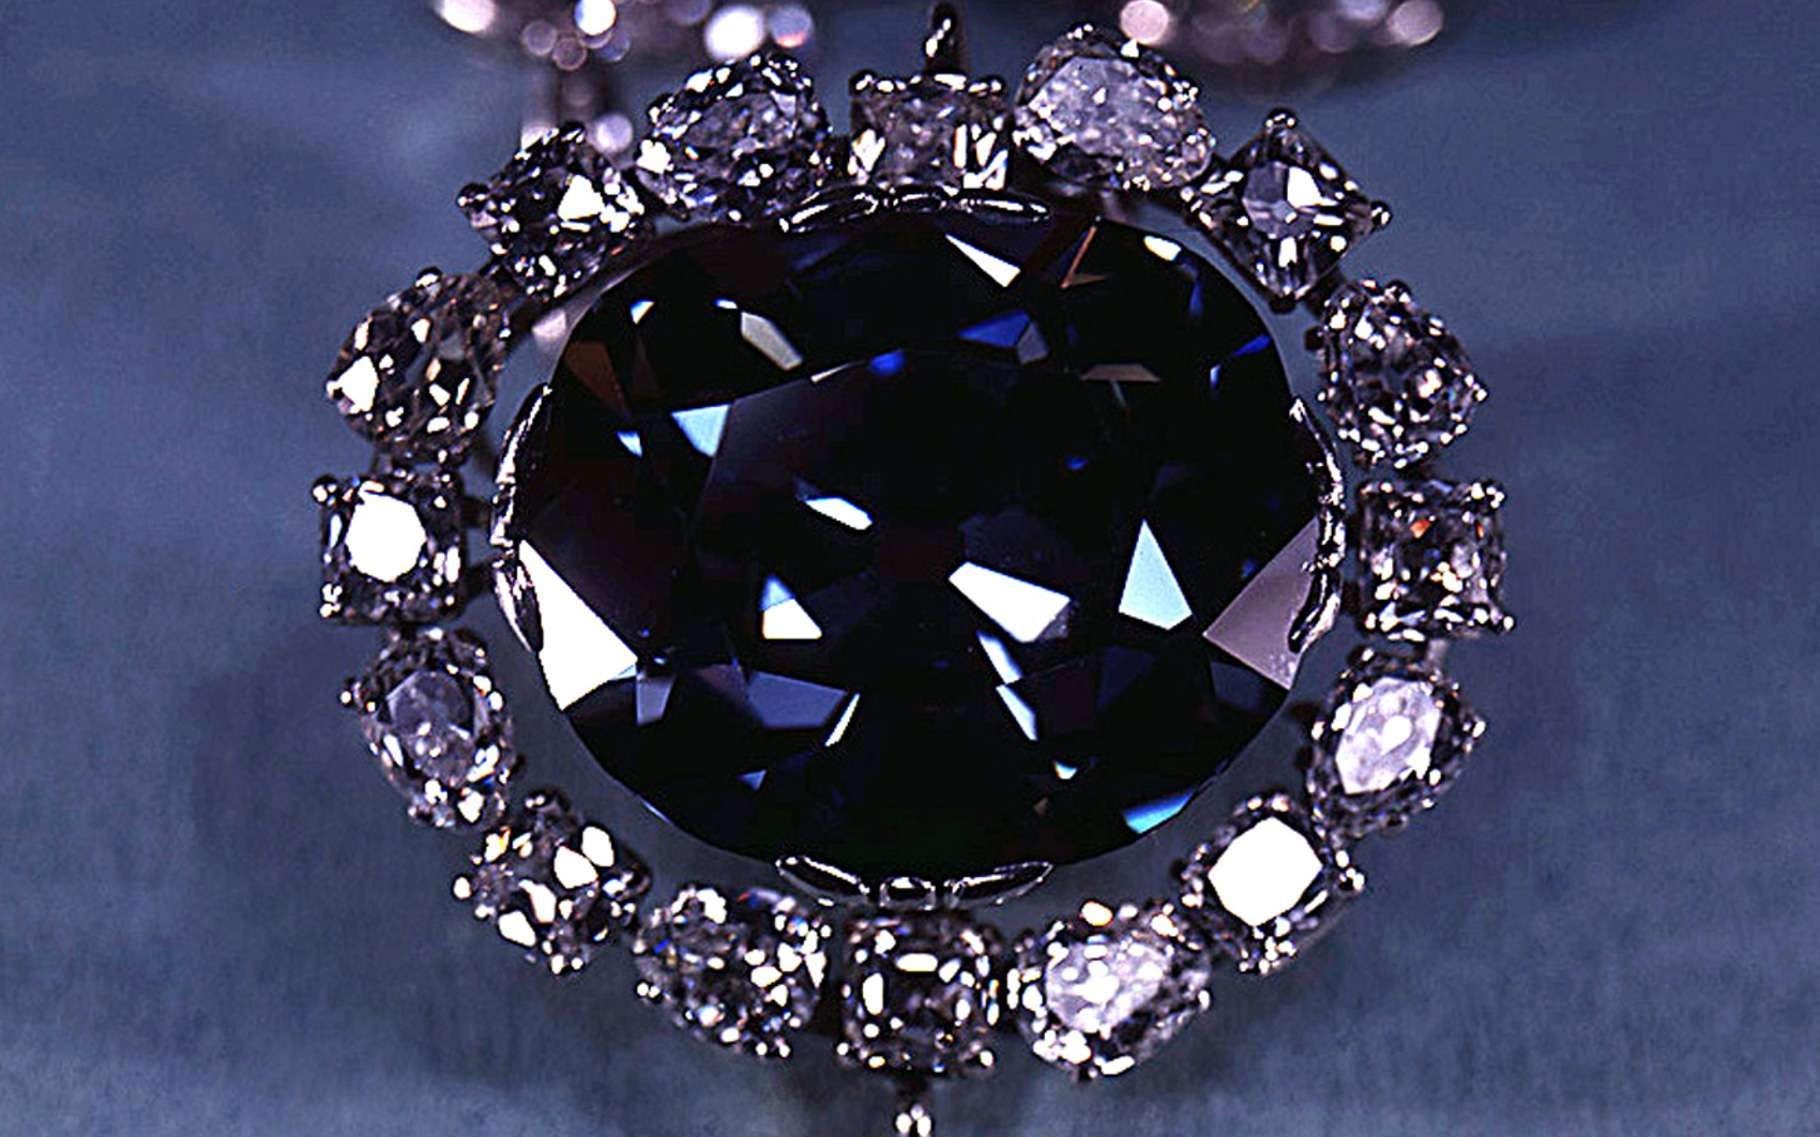 Le diamant Hope proviendrait des profondeurs de la Terre. © Smithsonian Museum